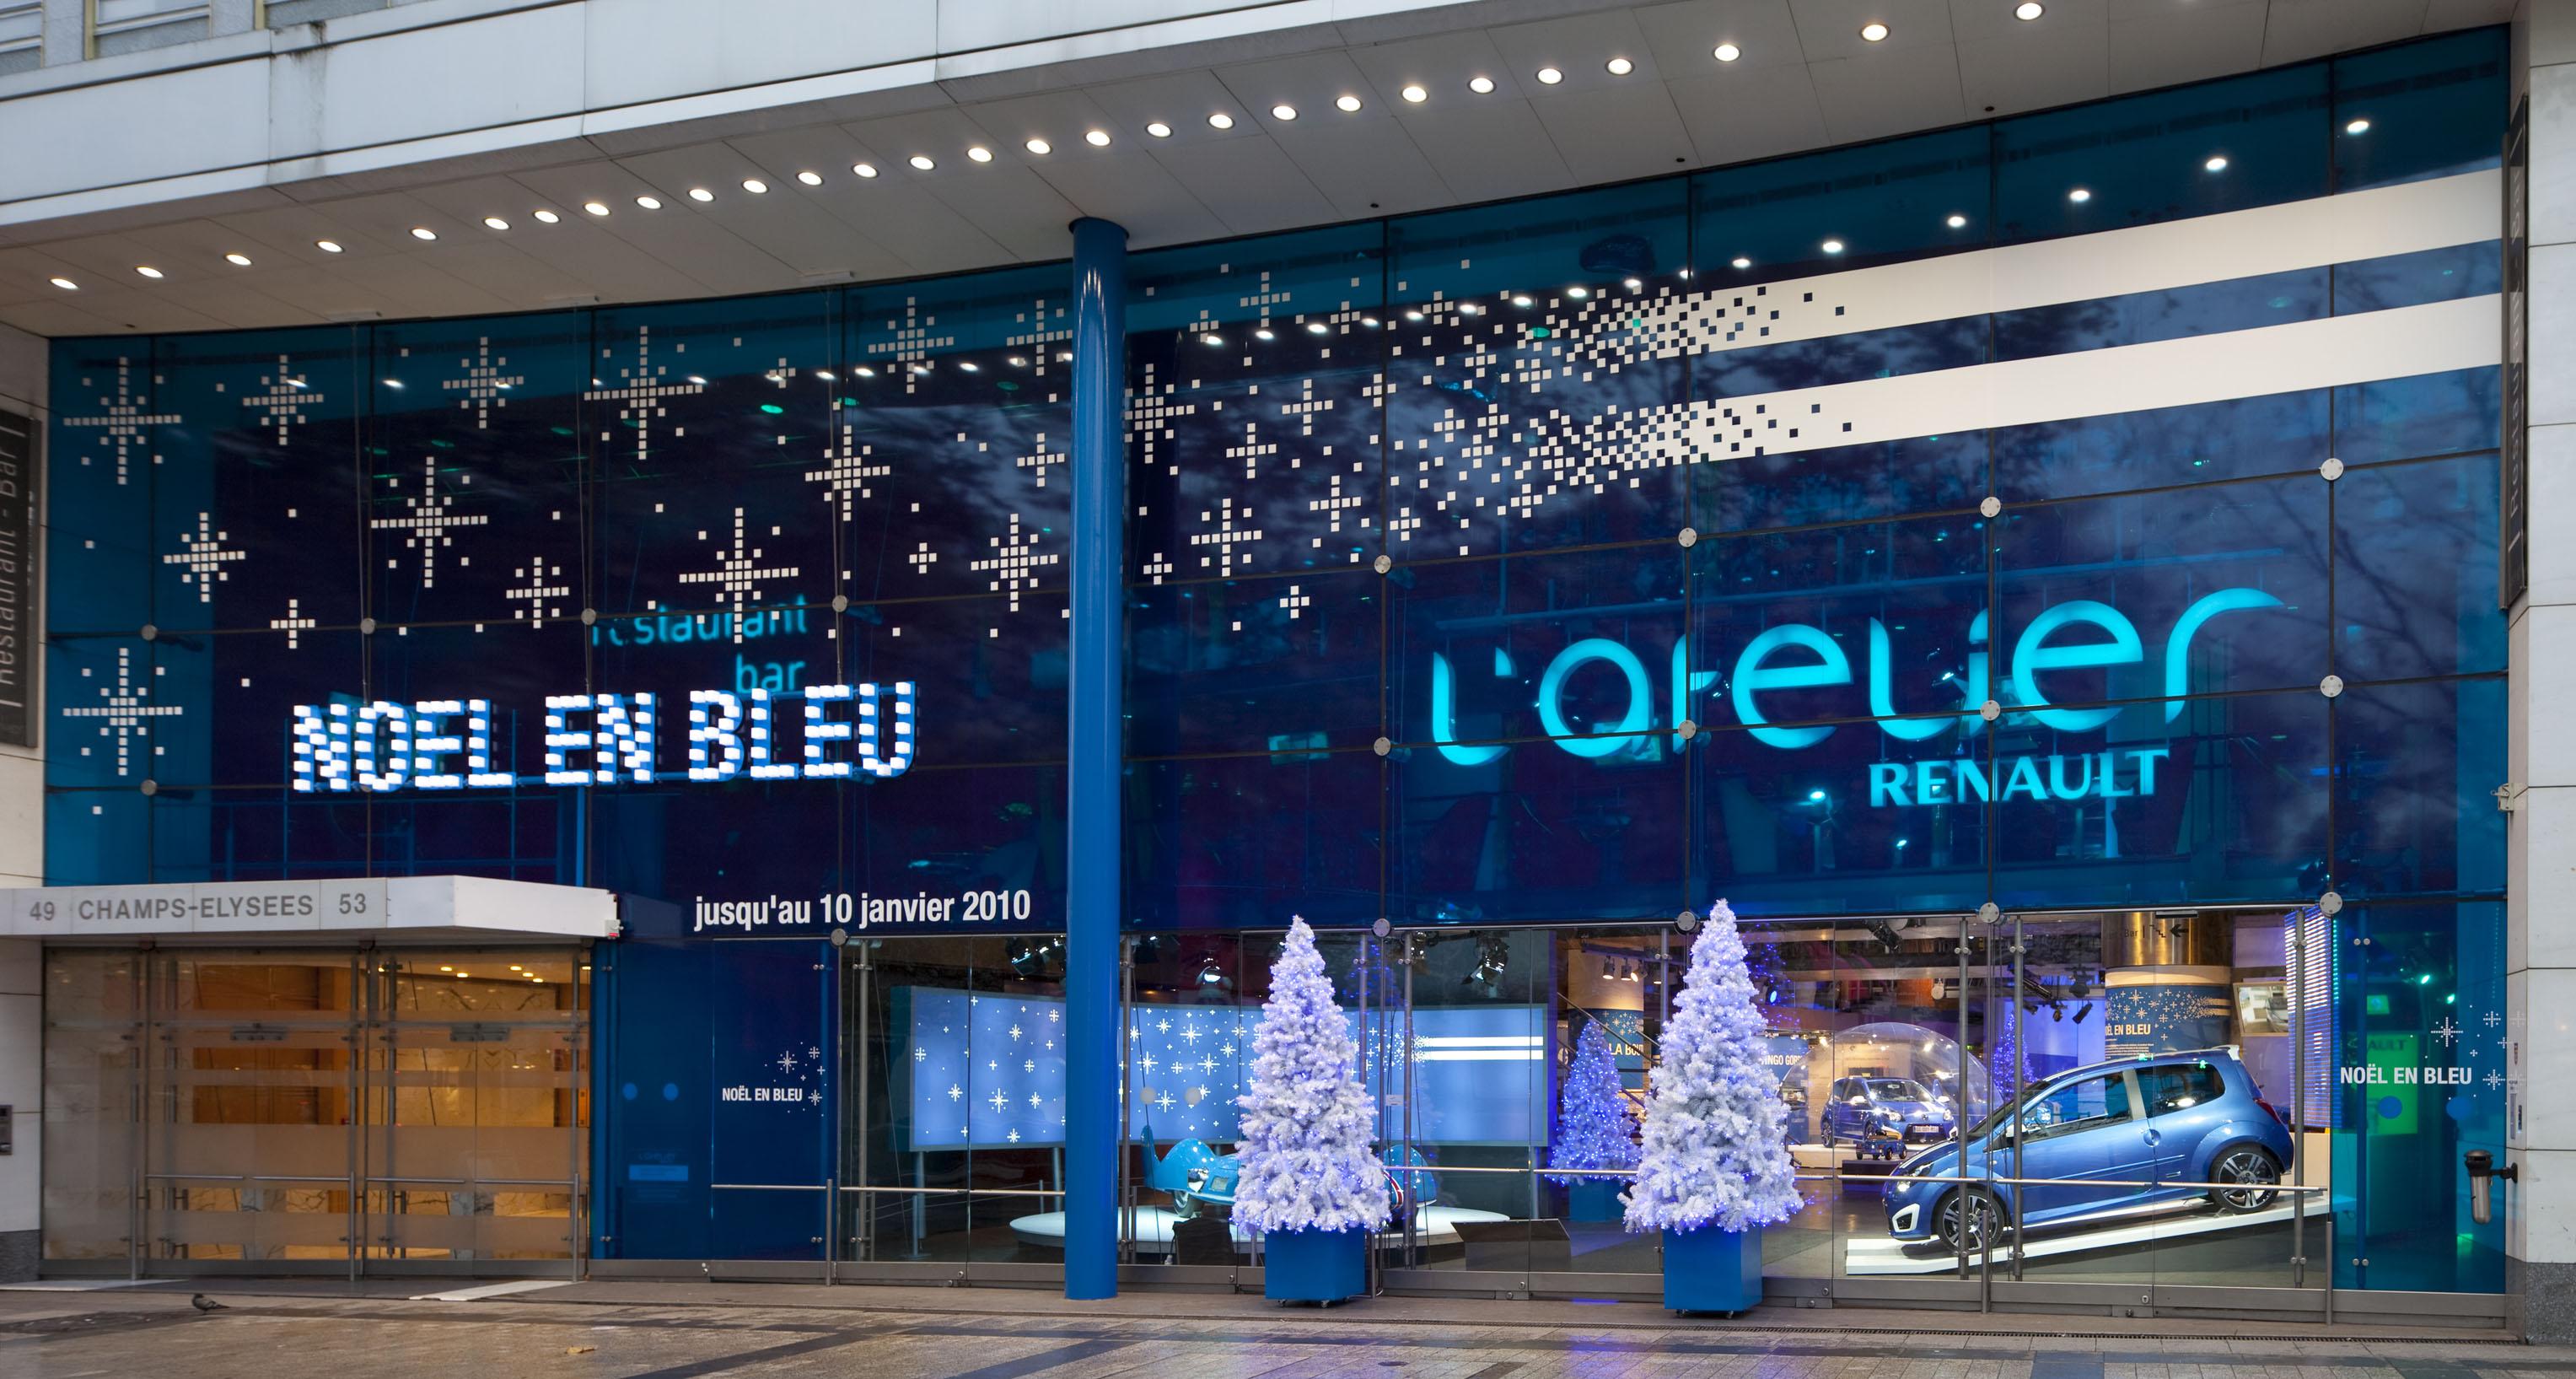 Atelier Renault- Noel en Bleu